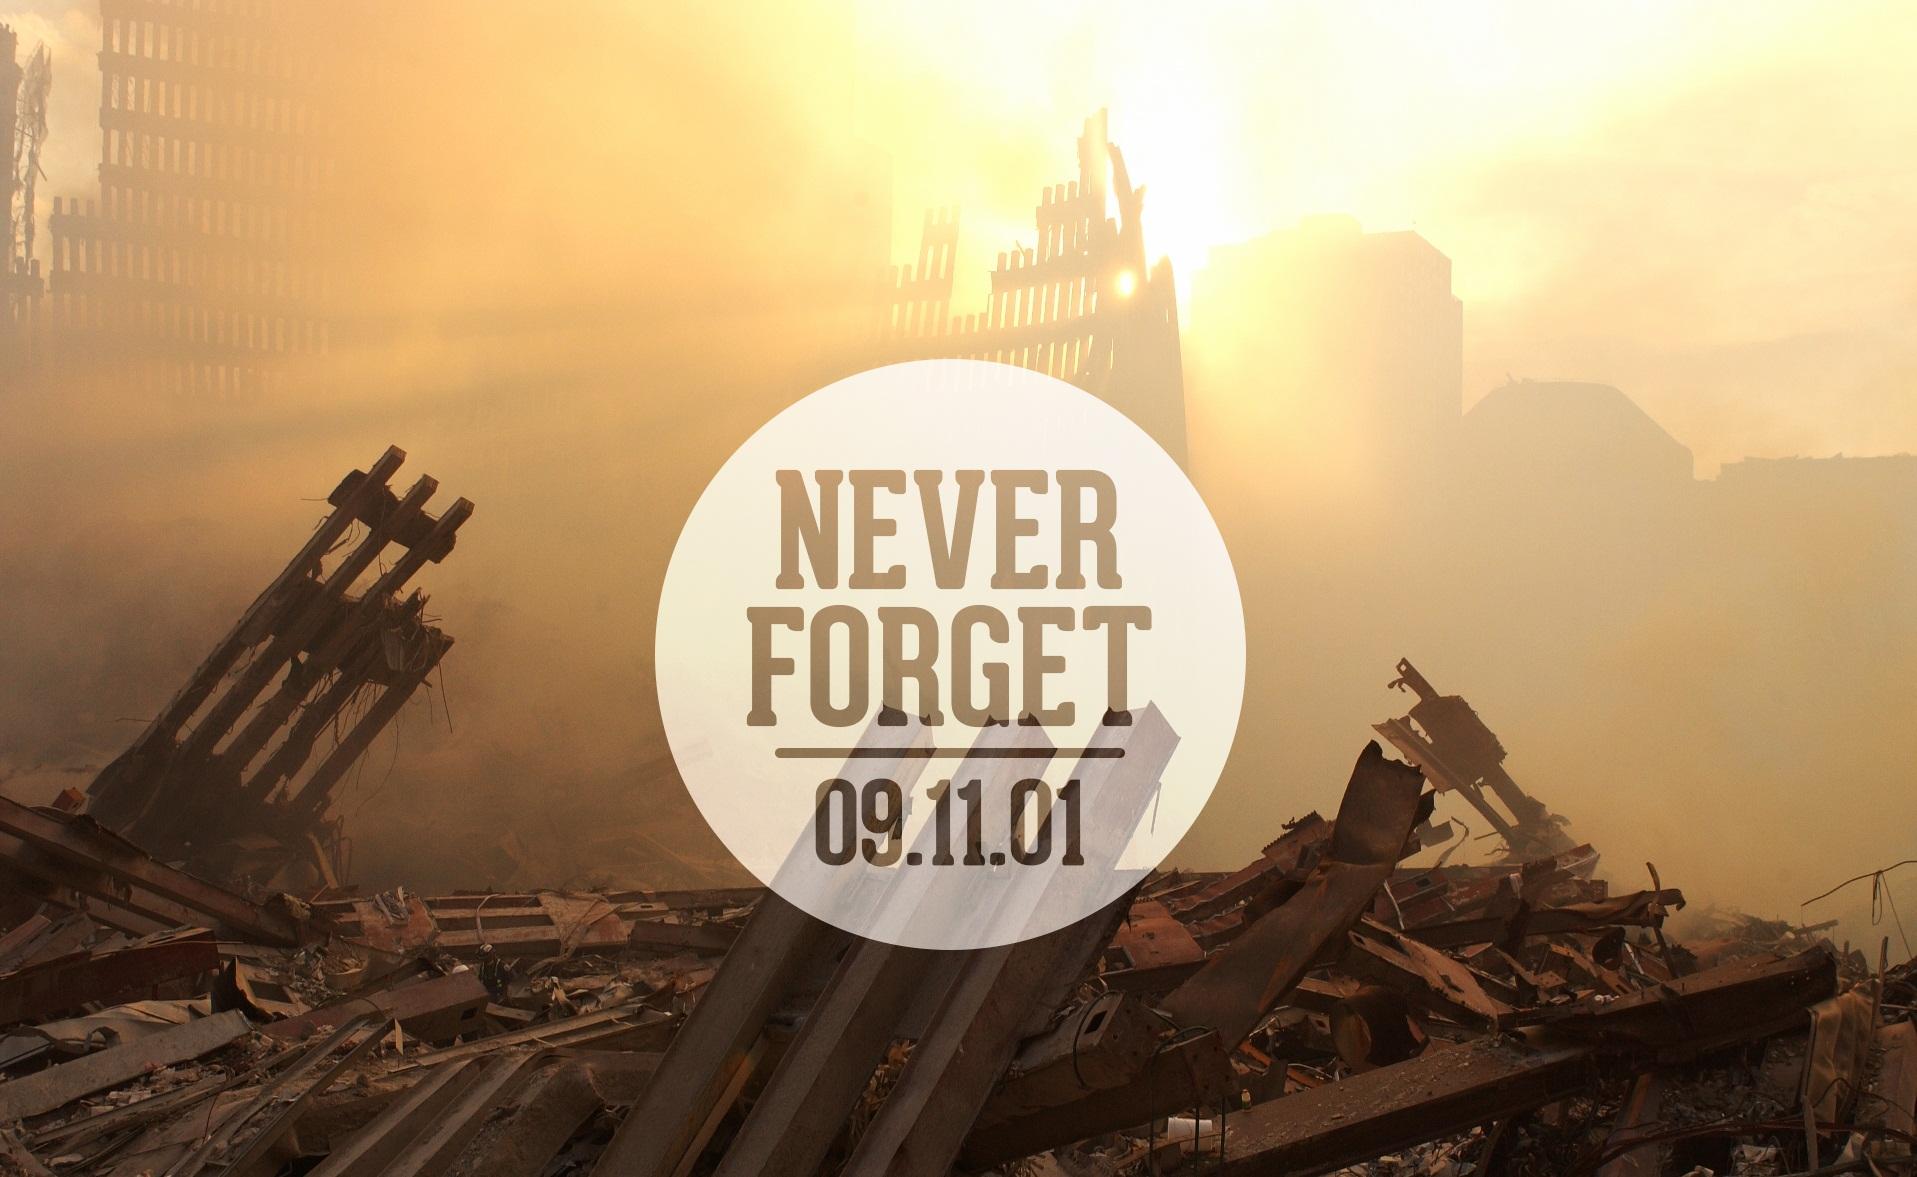 9-11 photo 2